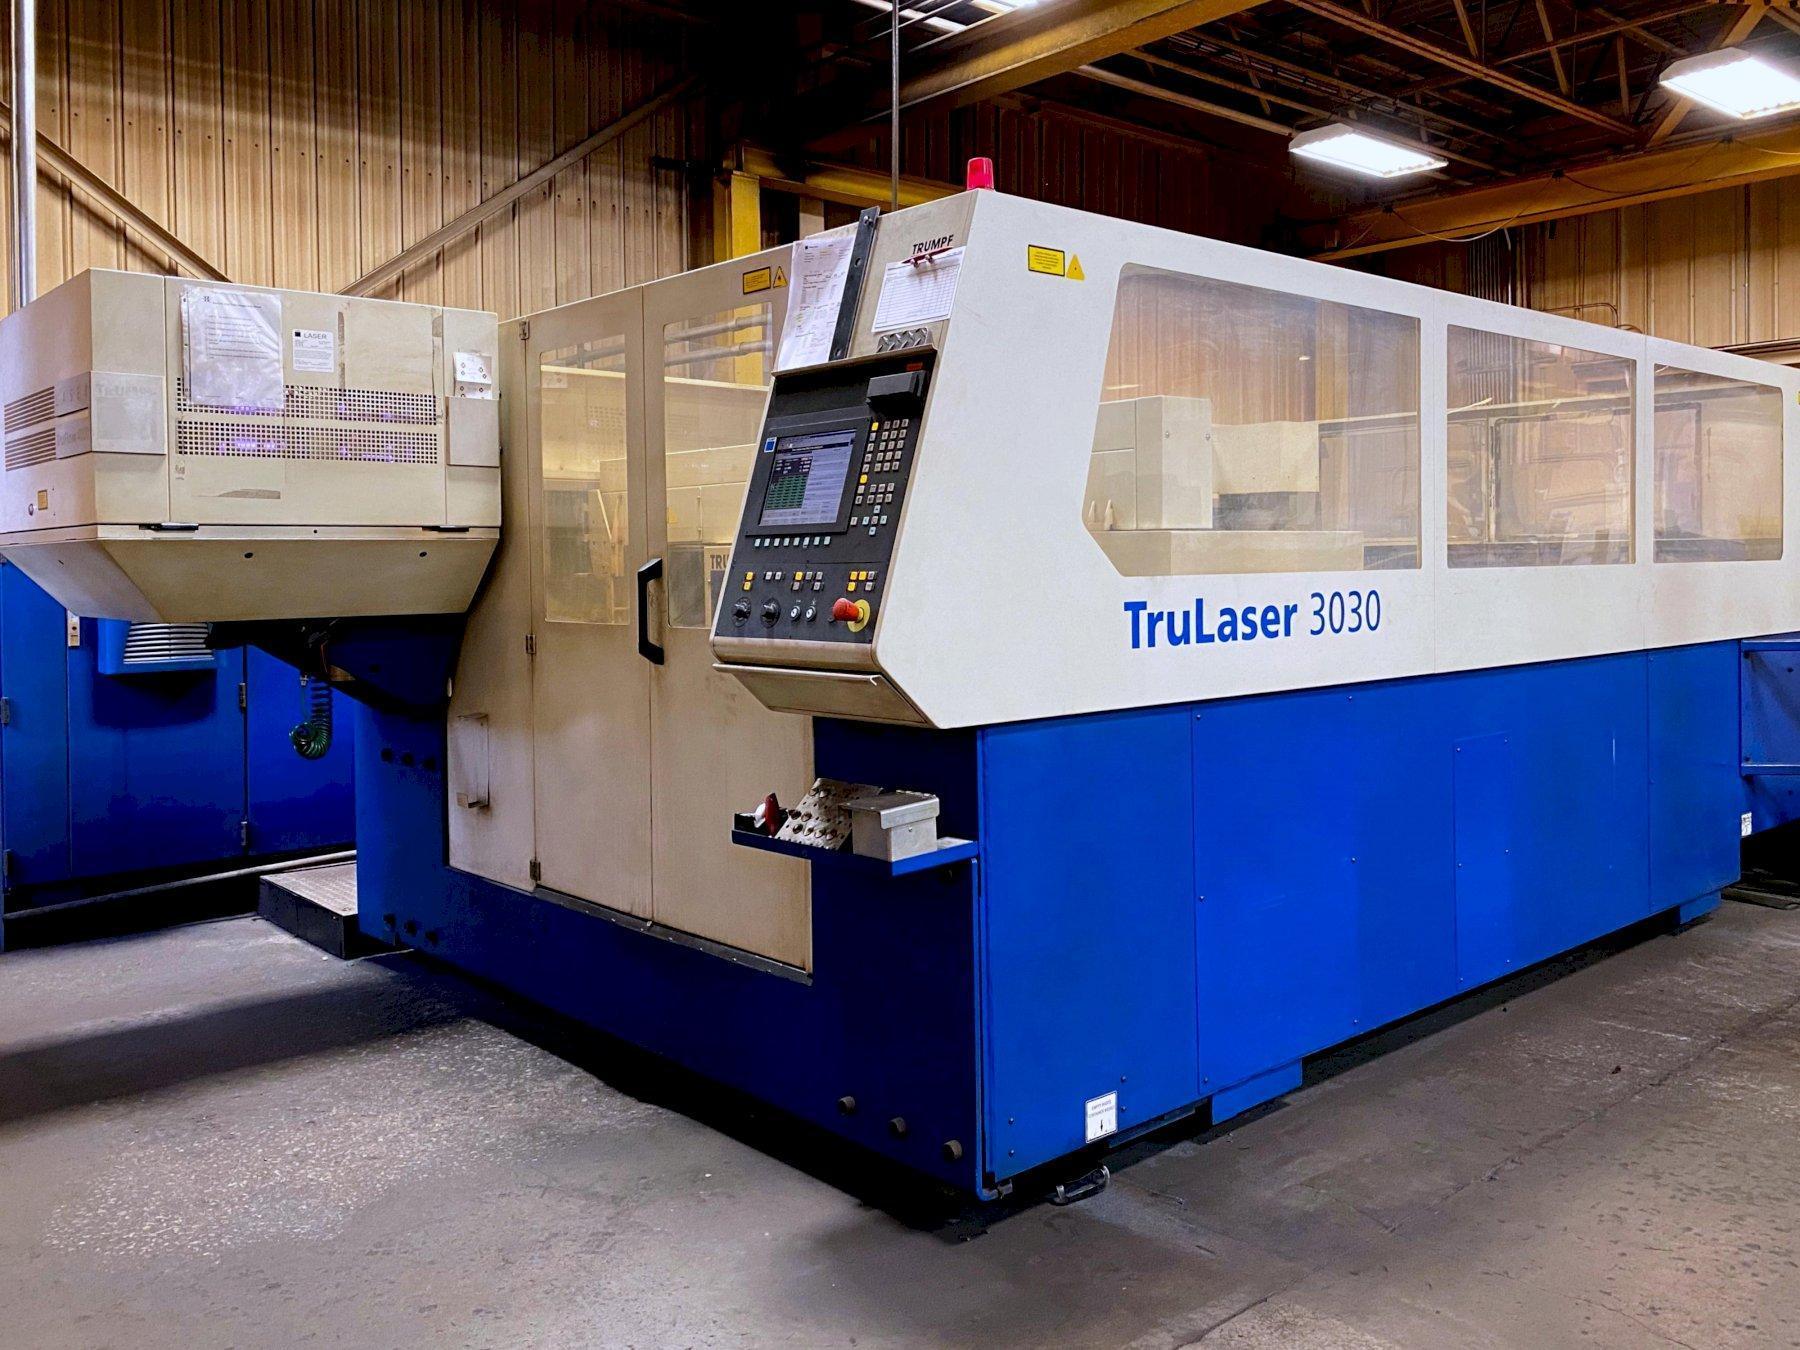 Trumpf TruLaser 3030 (2006) 4,000 Watt CO2 Laser